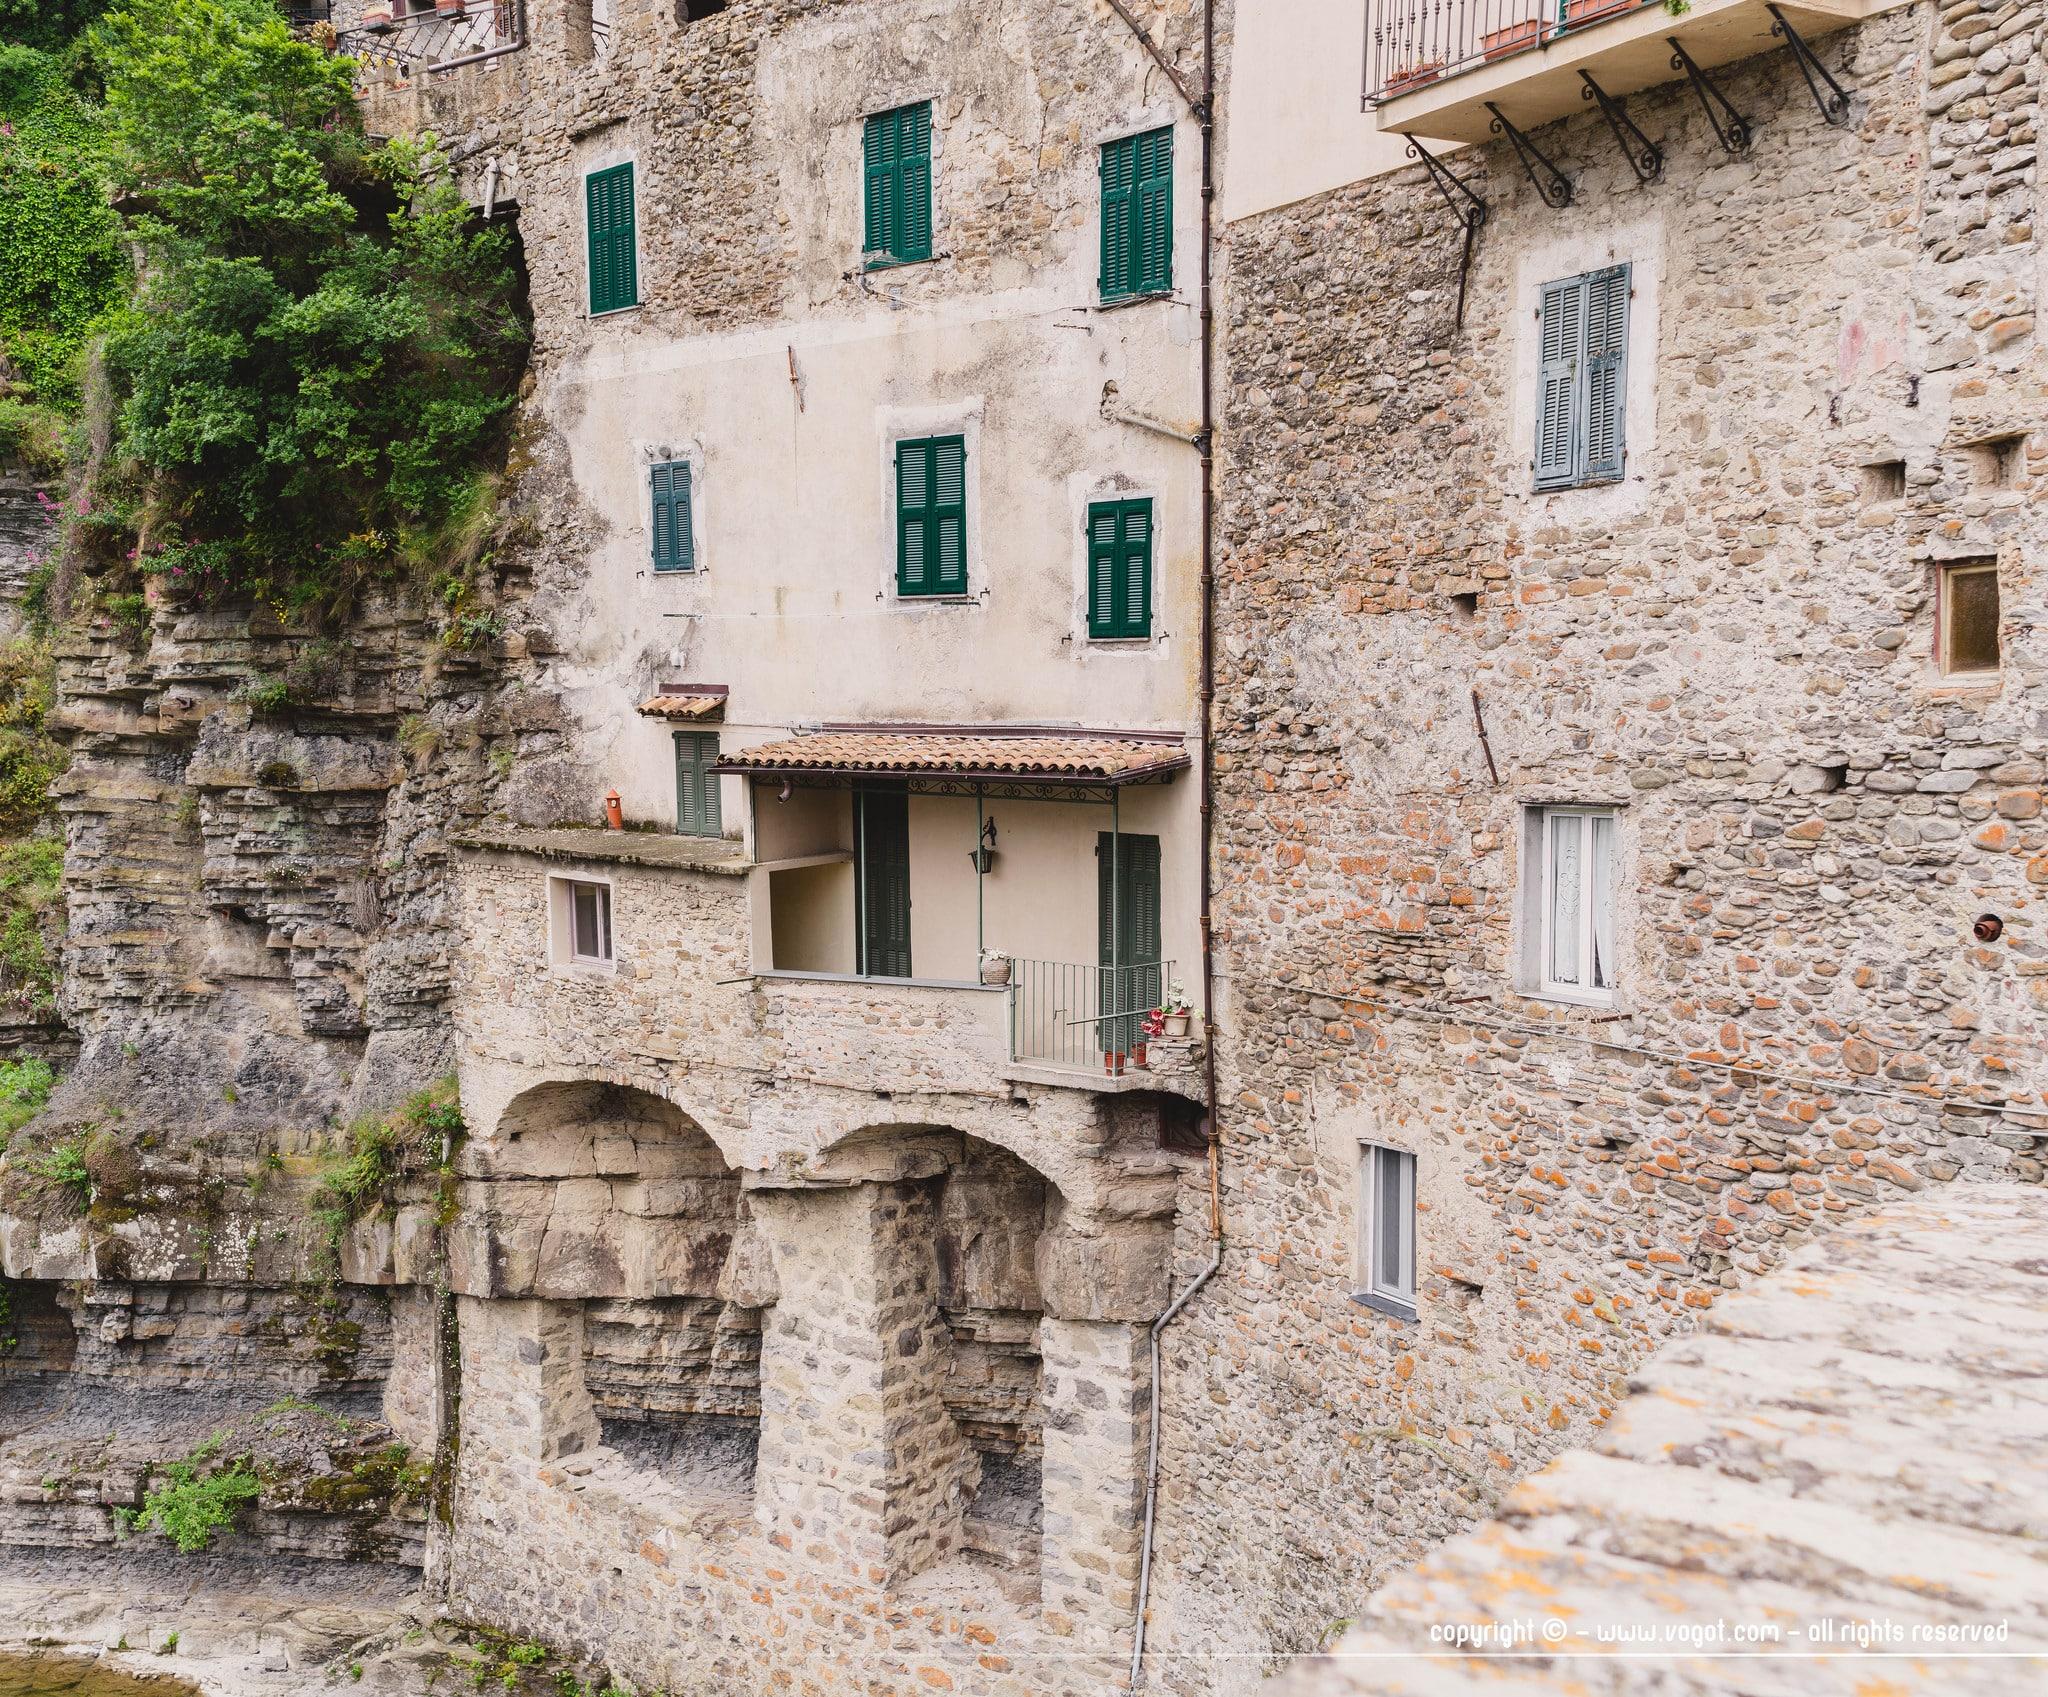 Visiter Dolceacqua et découvrir ses façades en pierre